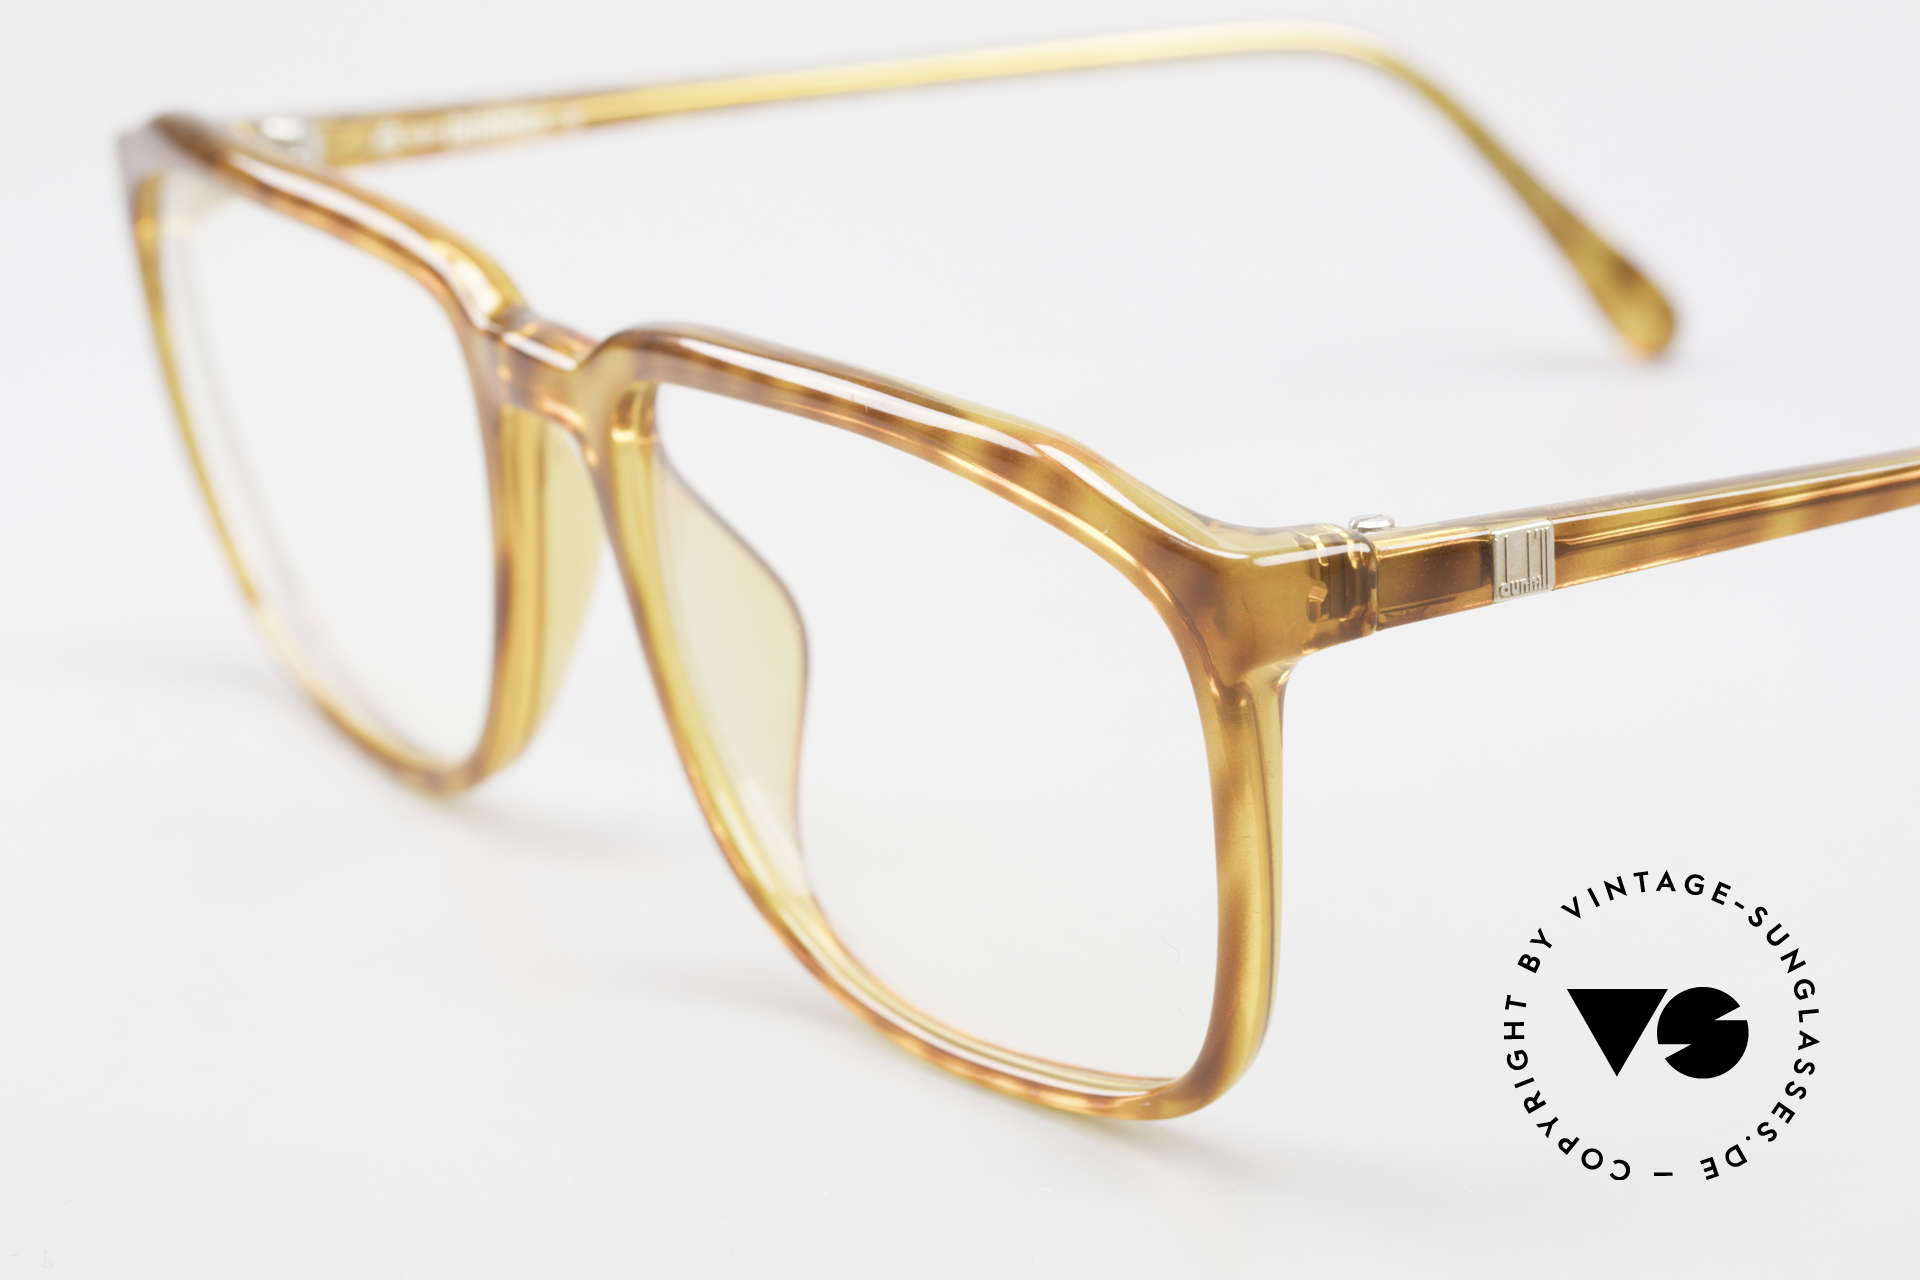 Dunhill 6133 Vintage Optyl Herrenbrille, daher sehr angenehm zu tragen (muss man fühlen), Passend für Herren